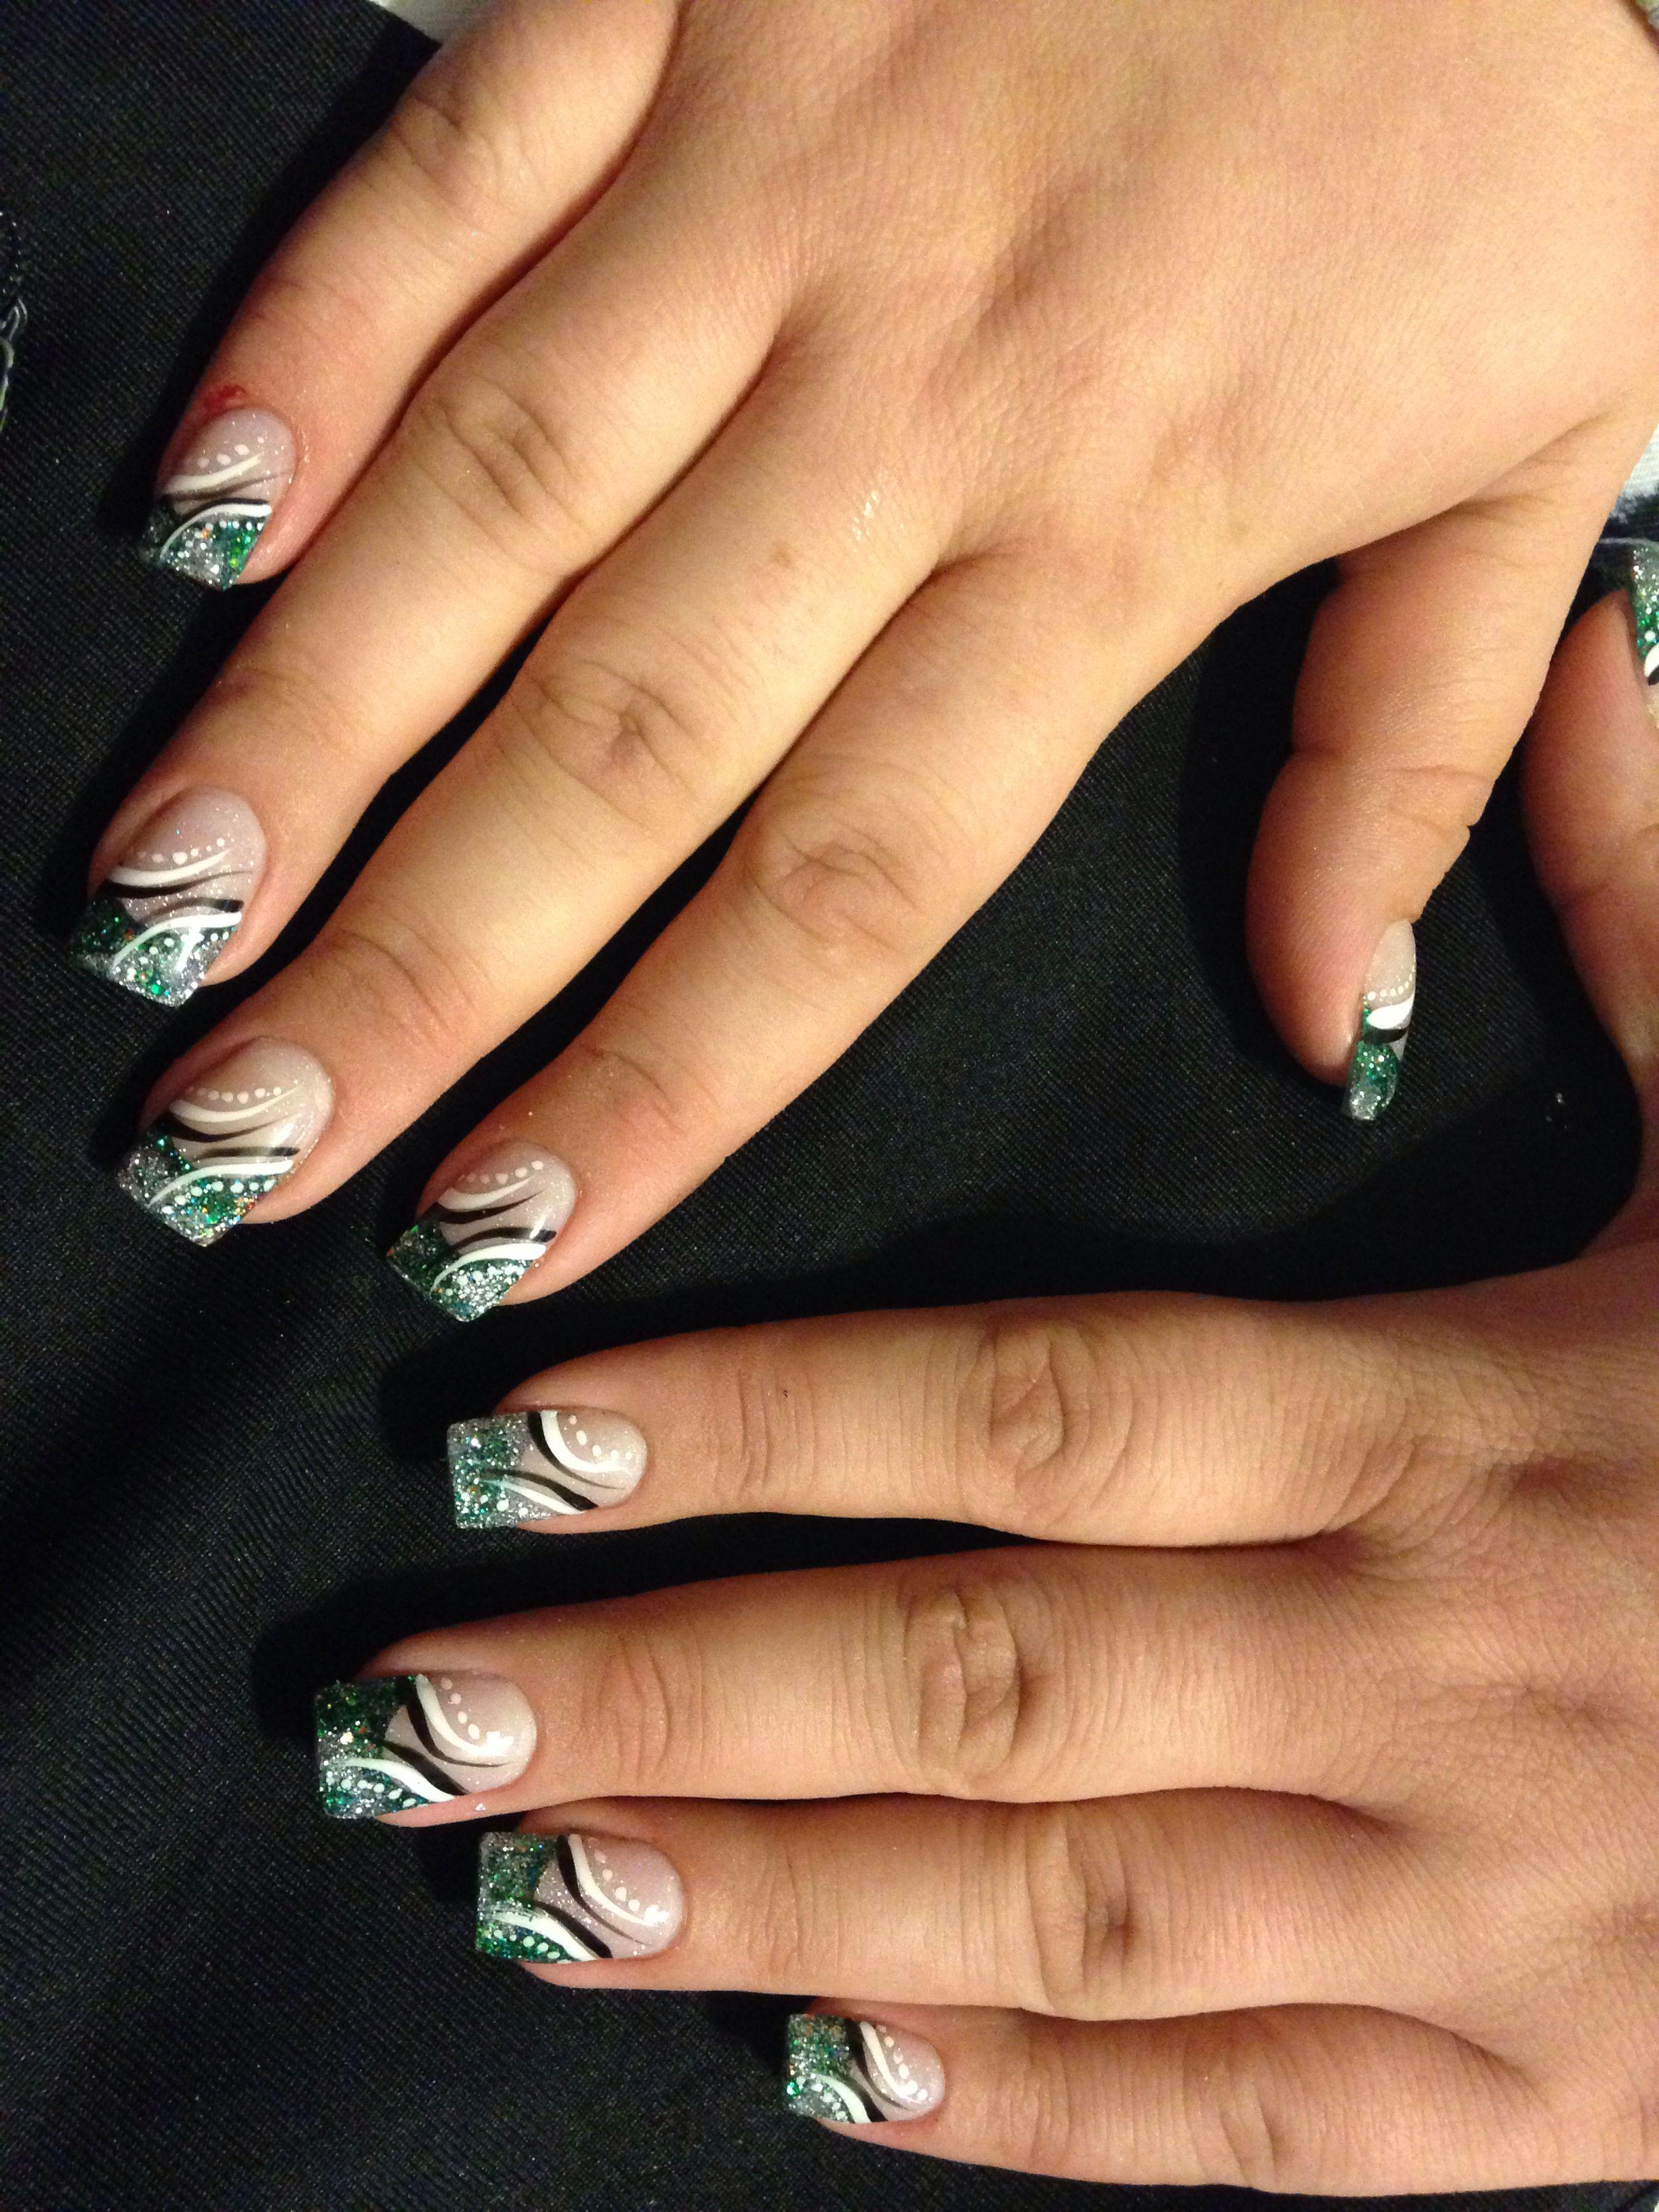 Acrylic nails | Nails | Pinterest | Fun nails, Nice nail designs and ...